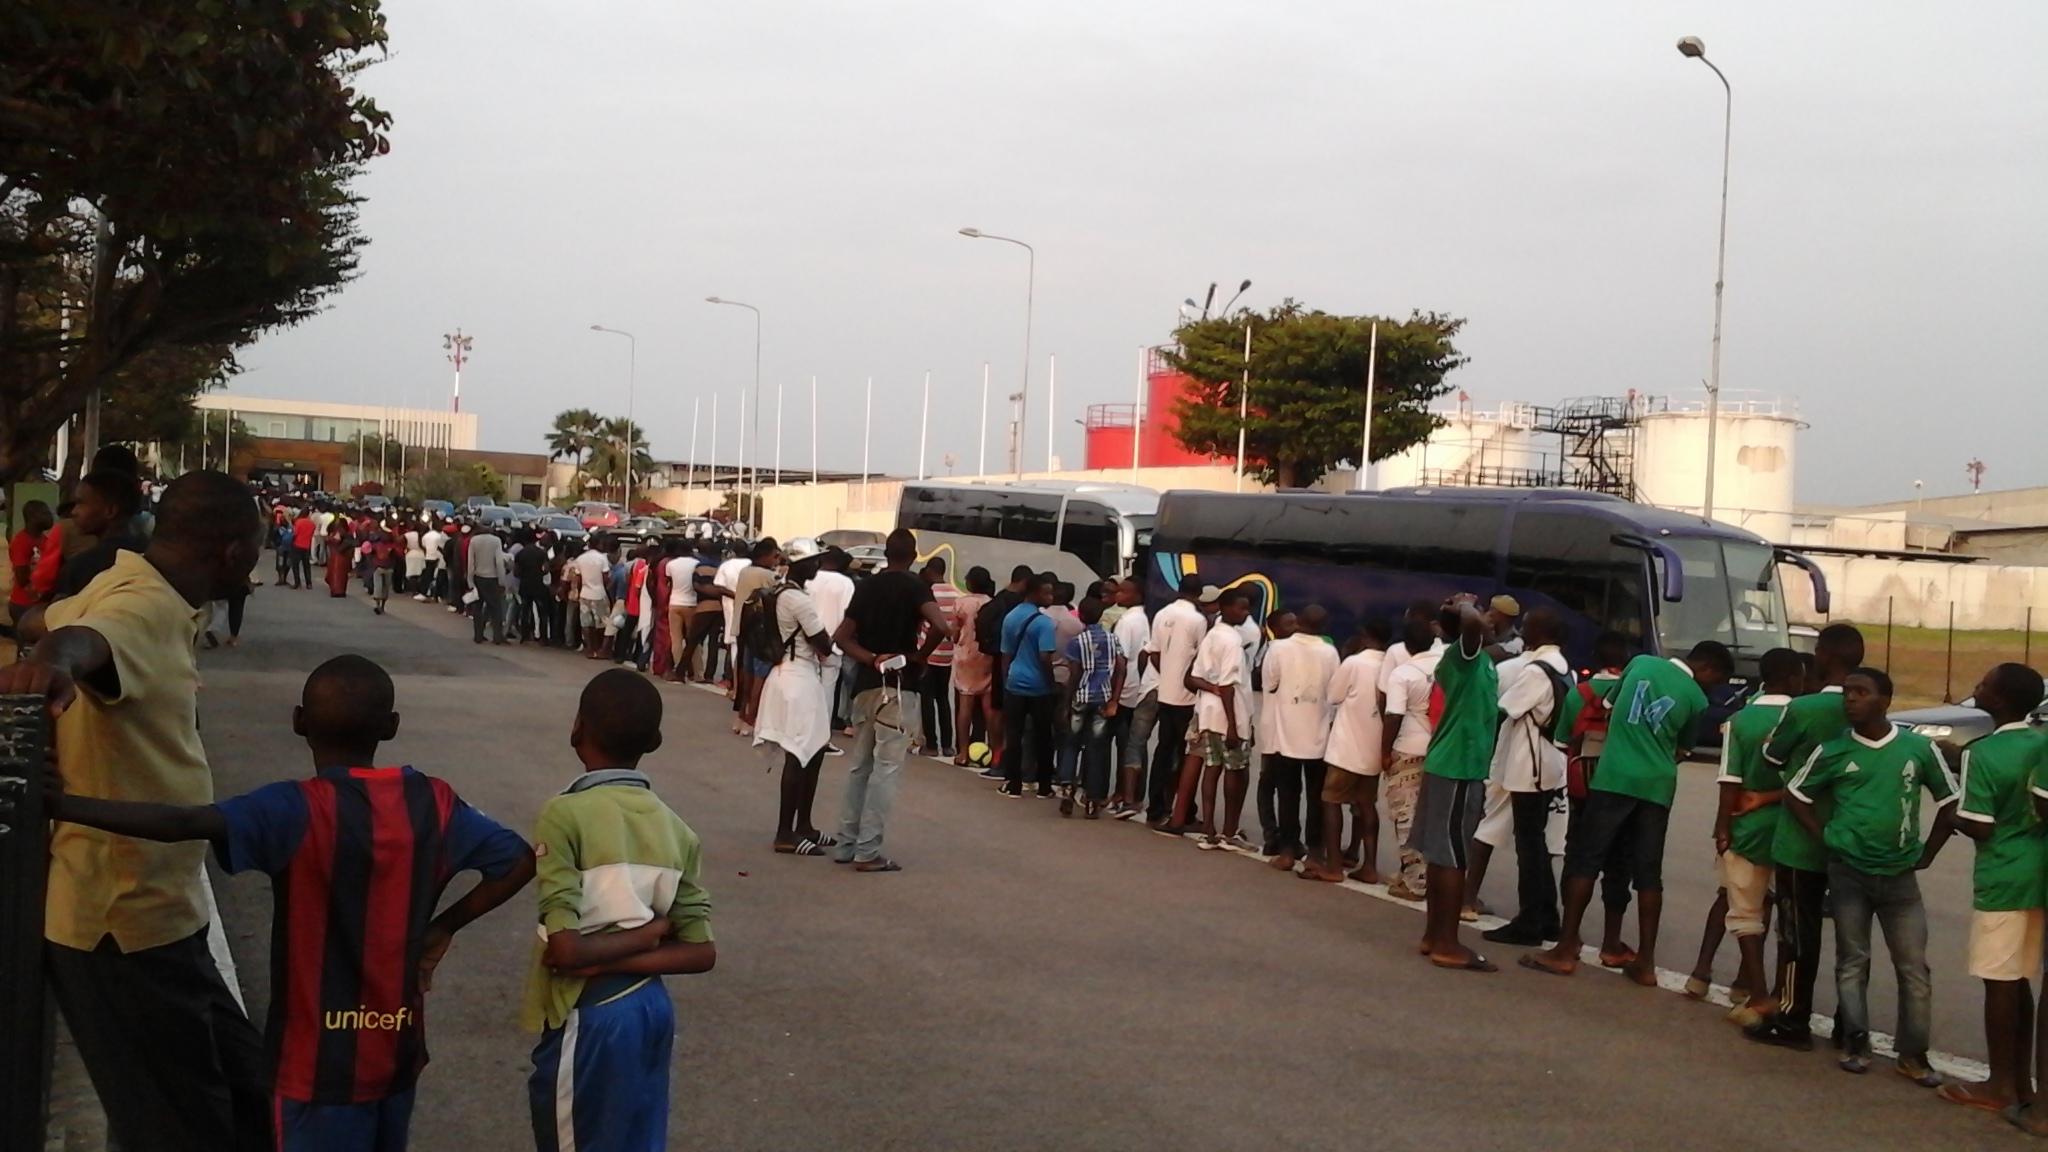 Arrivée à Libreville de Lionel Messi